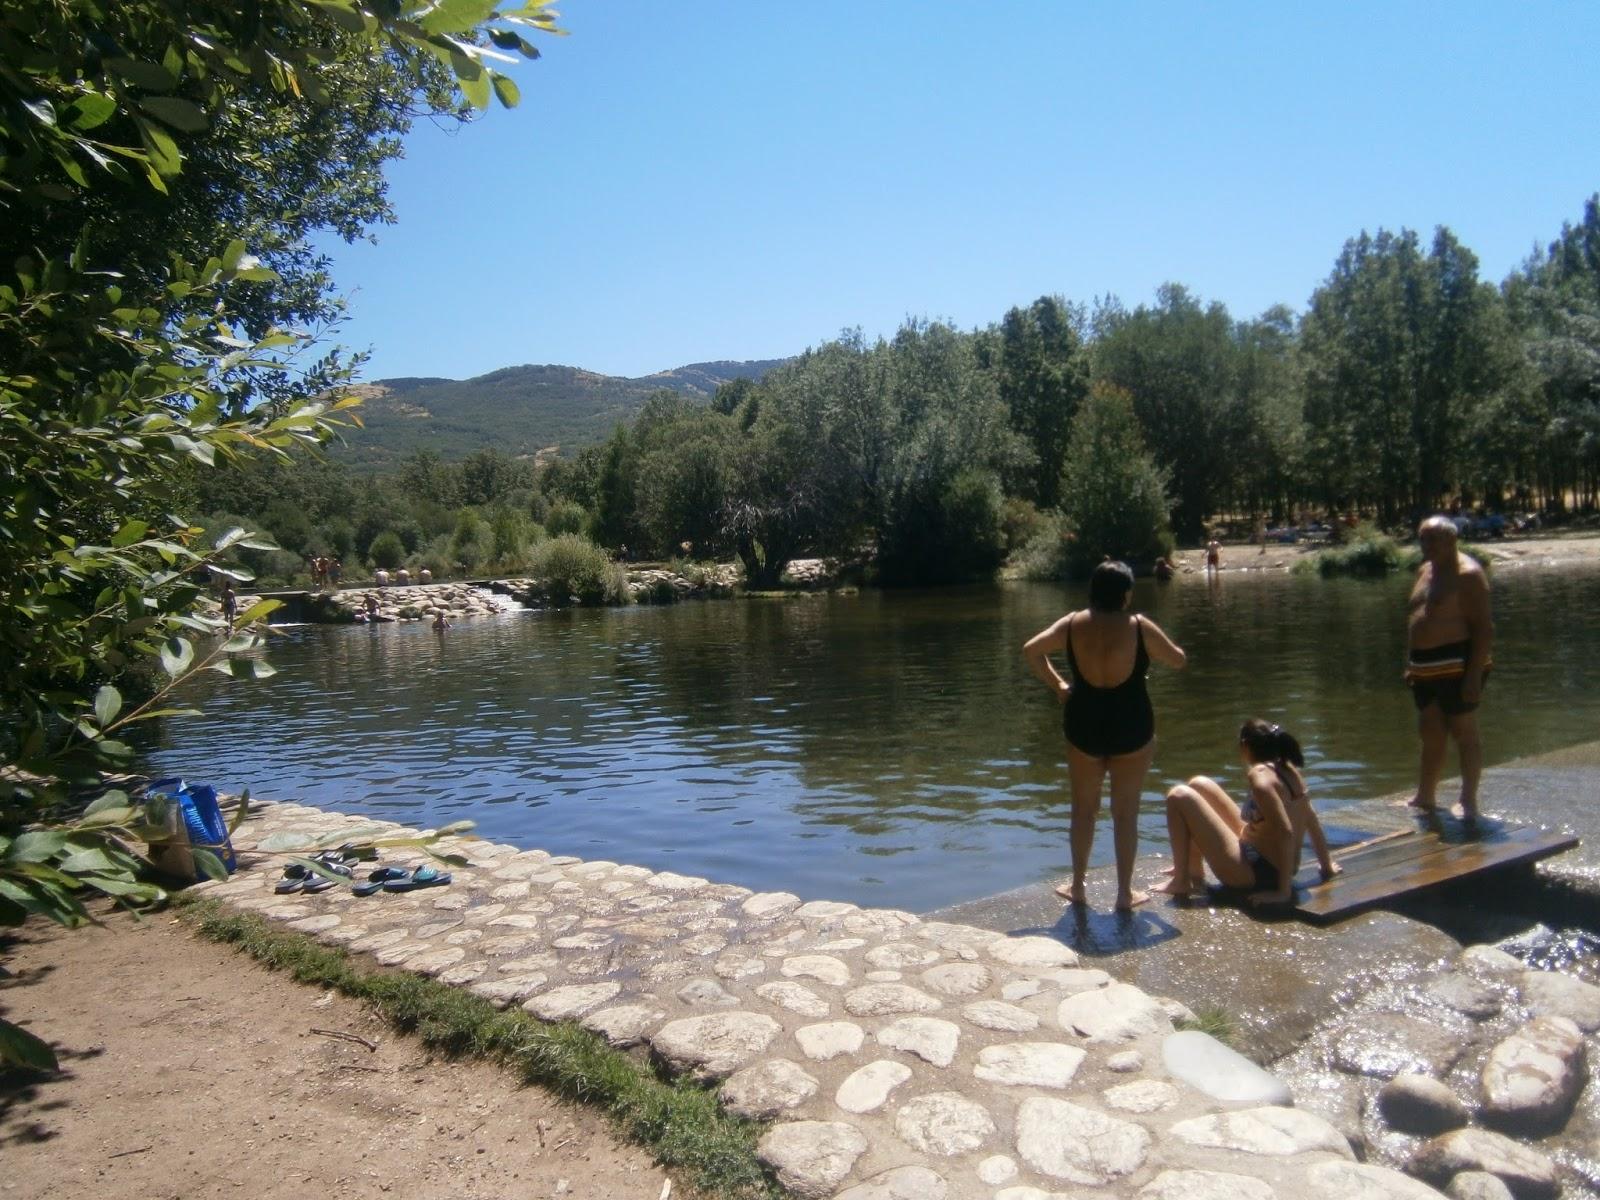 Espartales piensa las presillas de rascafr a for Las presillas piscinas naturales de rascafria